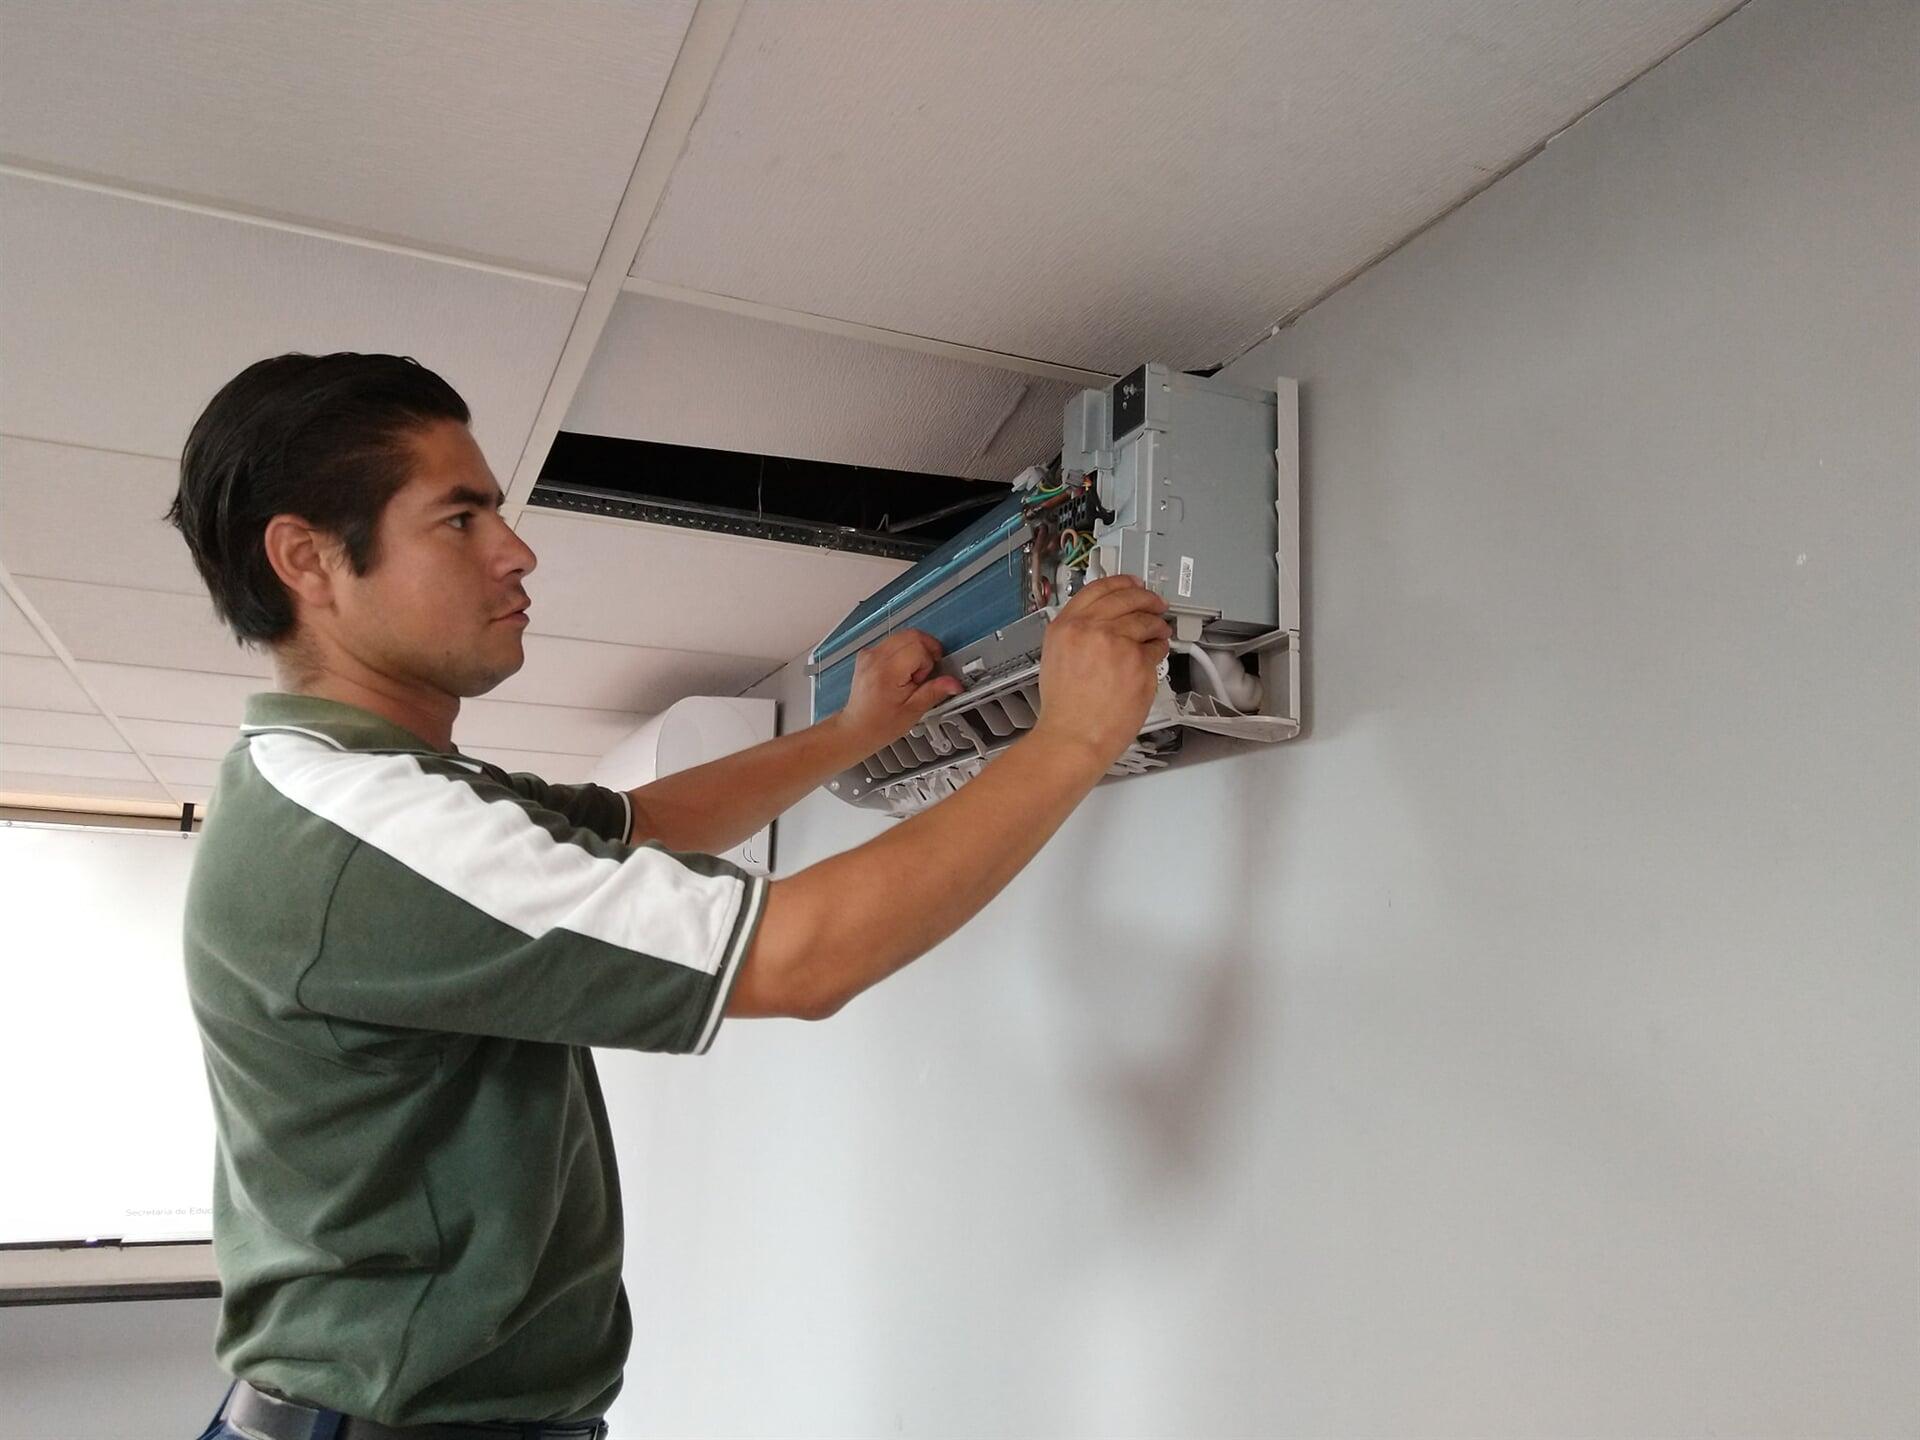 IMPAAC SAN LUIS POTOSÍ-venta de aire acondicionado y presupuestos